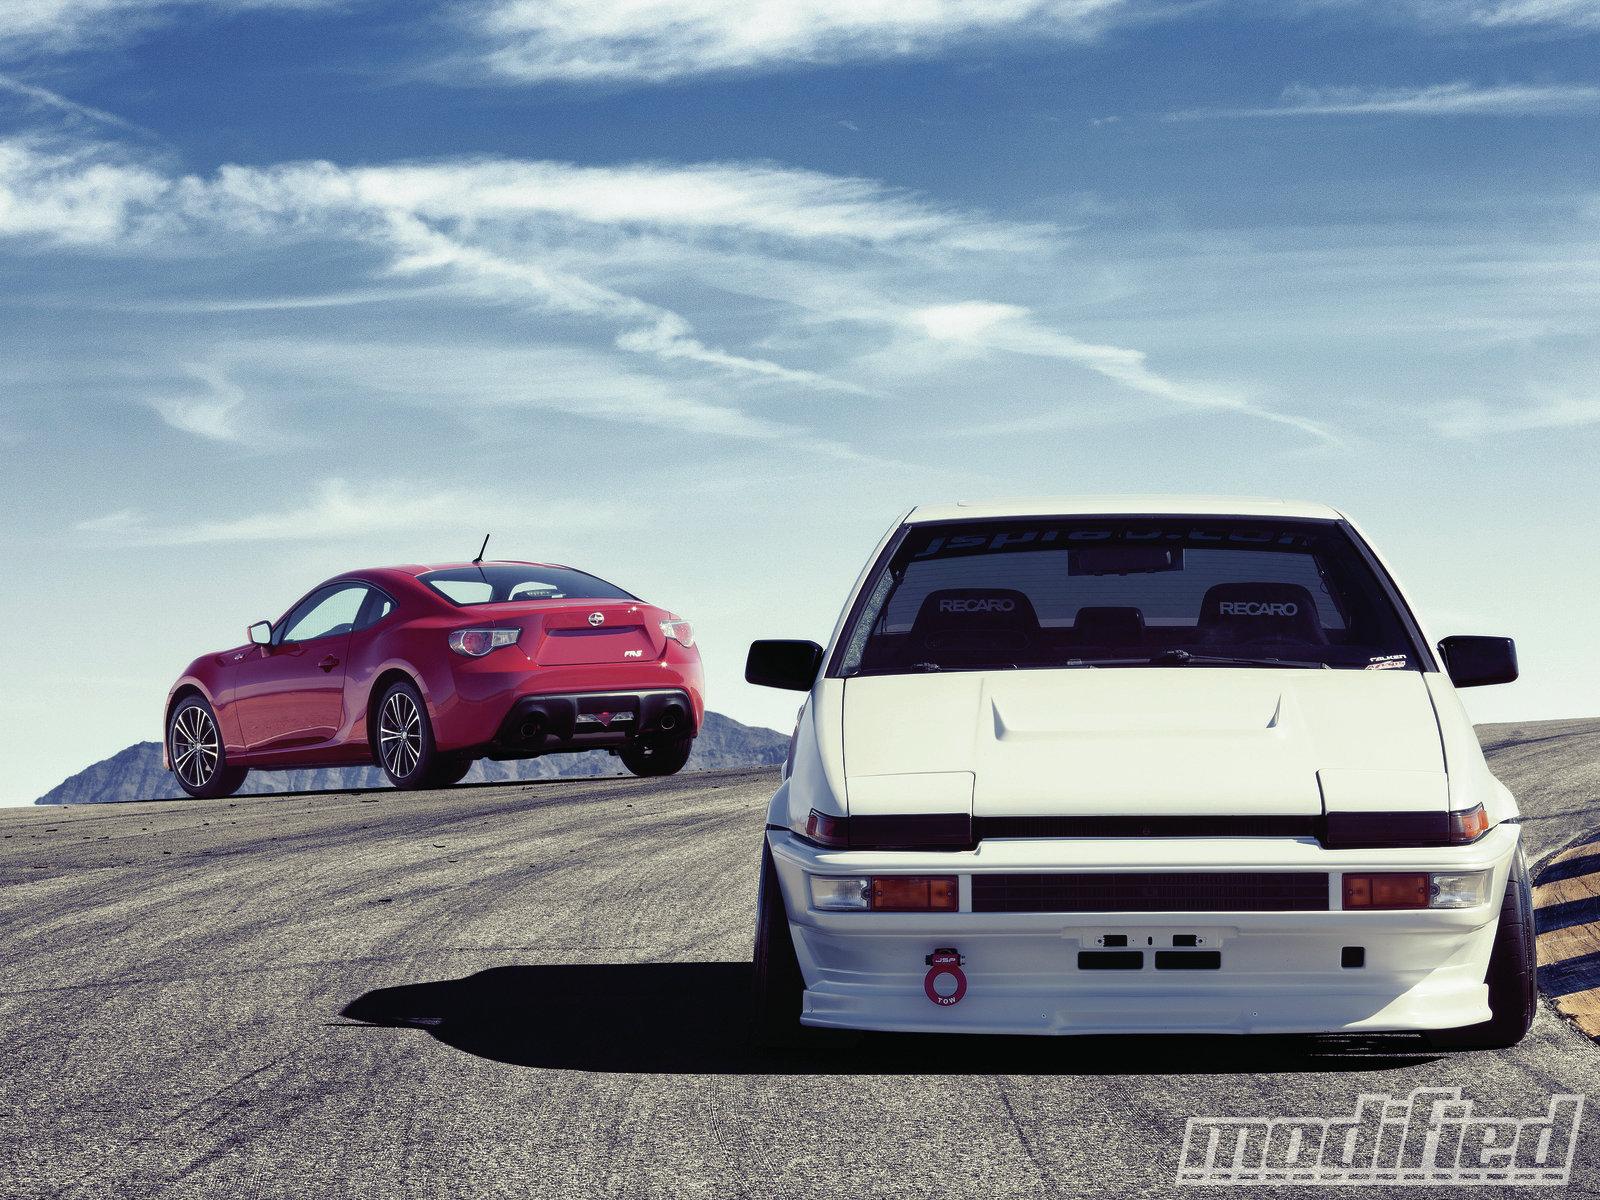 Kelebihan Kekurangan Toyota Corolla 1987 Top Model Tahun Ini